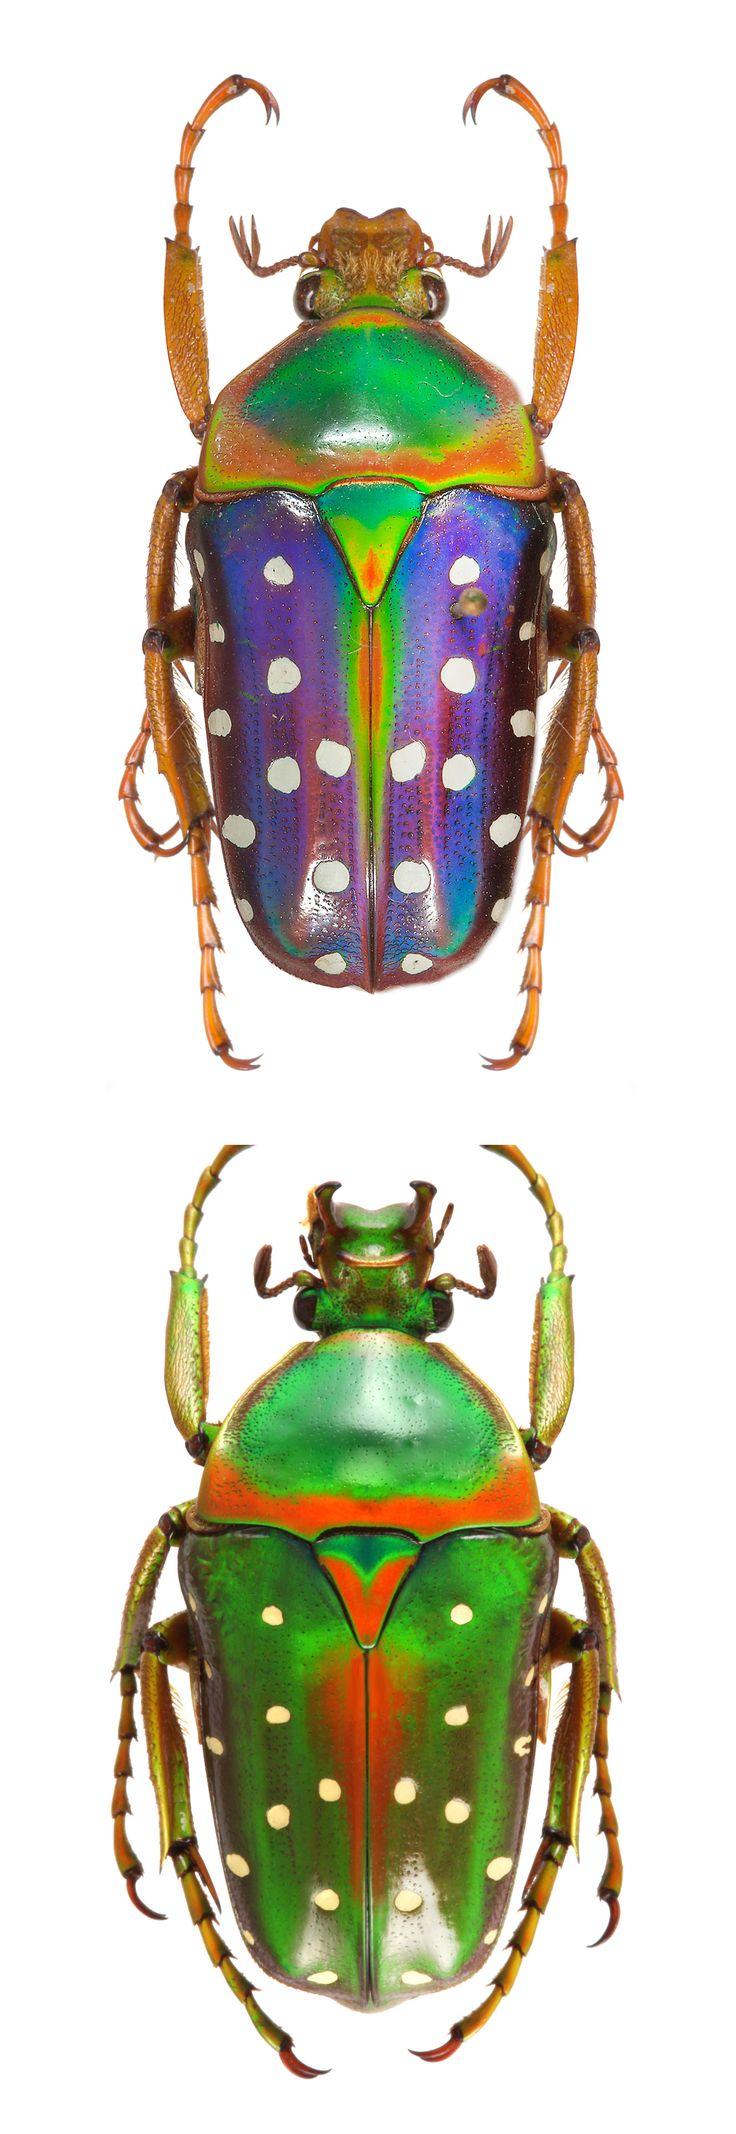 Stephanorrhina buttata - spotted flower beetle - CETONIIDAE -